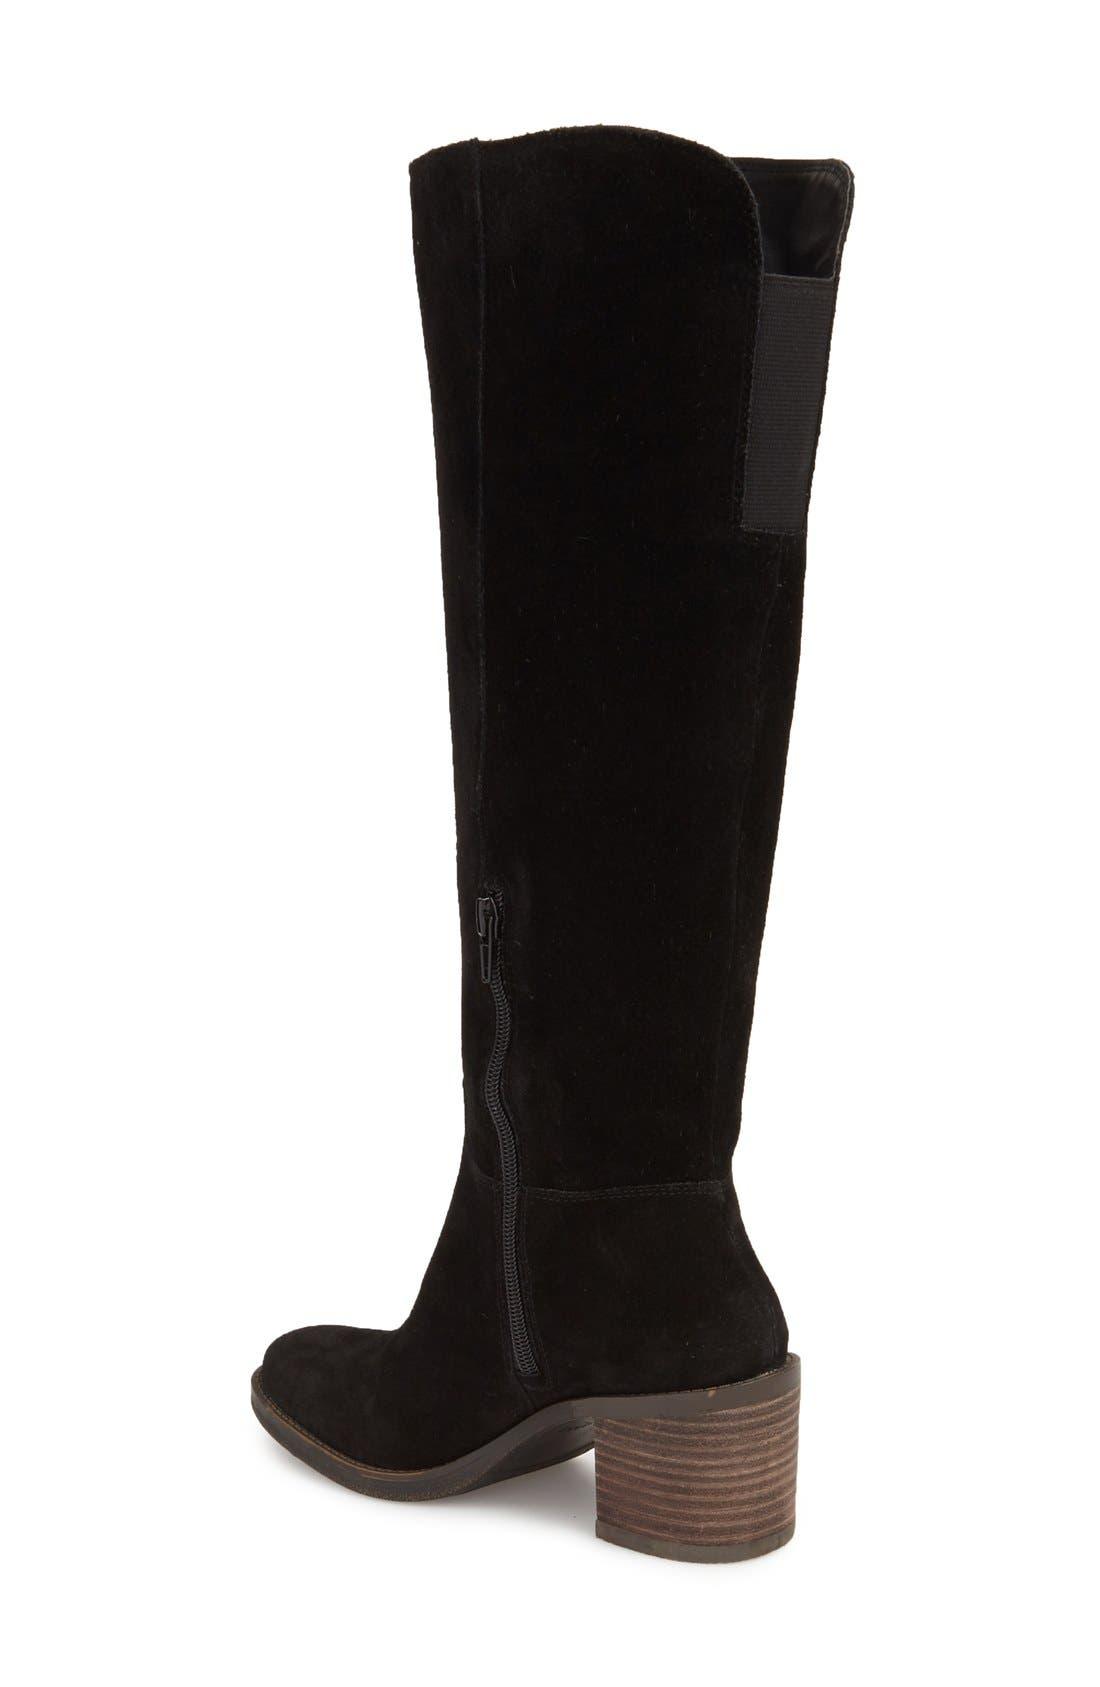 LUCKY BRAND,                             Ritten Tall Boot,                             Alternate thumbnail 2, color,                             002